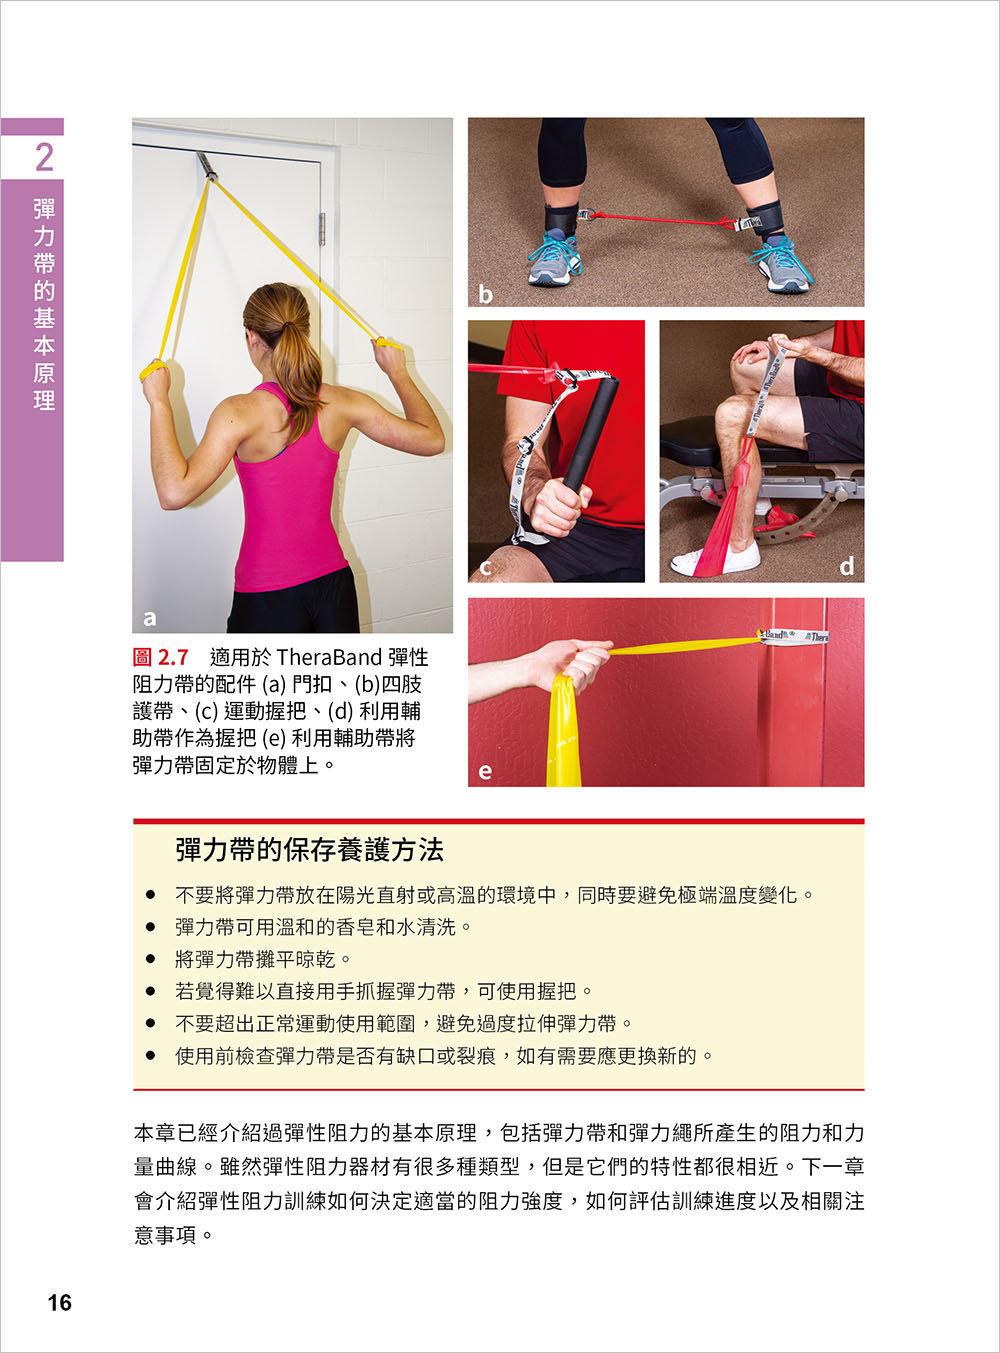 彈性阻力帶肌力訓練大全 162 式最新版 : 健身與功能性訓練、復健與預防肌少症 全適用-preview-2